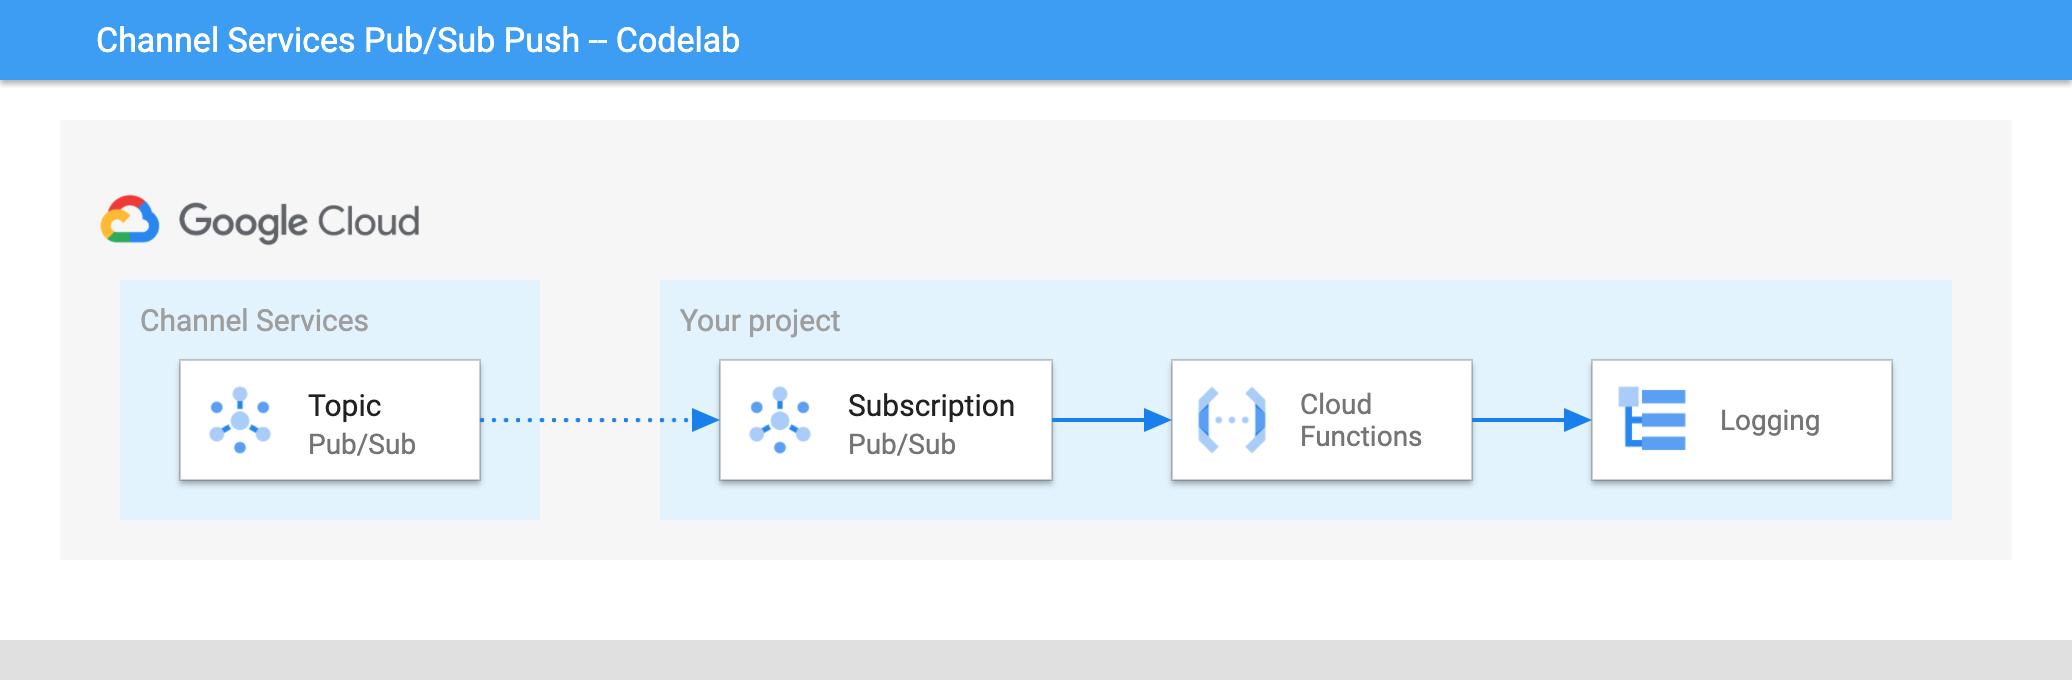 Trasferimento delle notifiche di Channel Services a una funzione Cloud